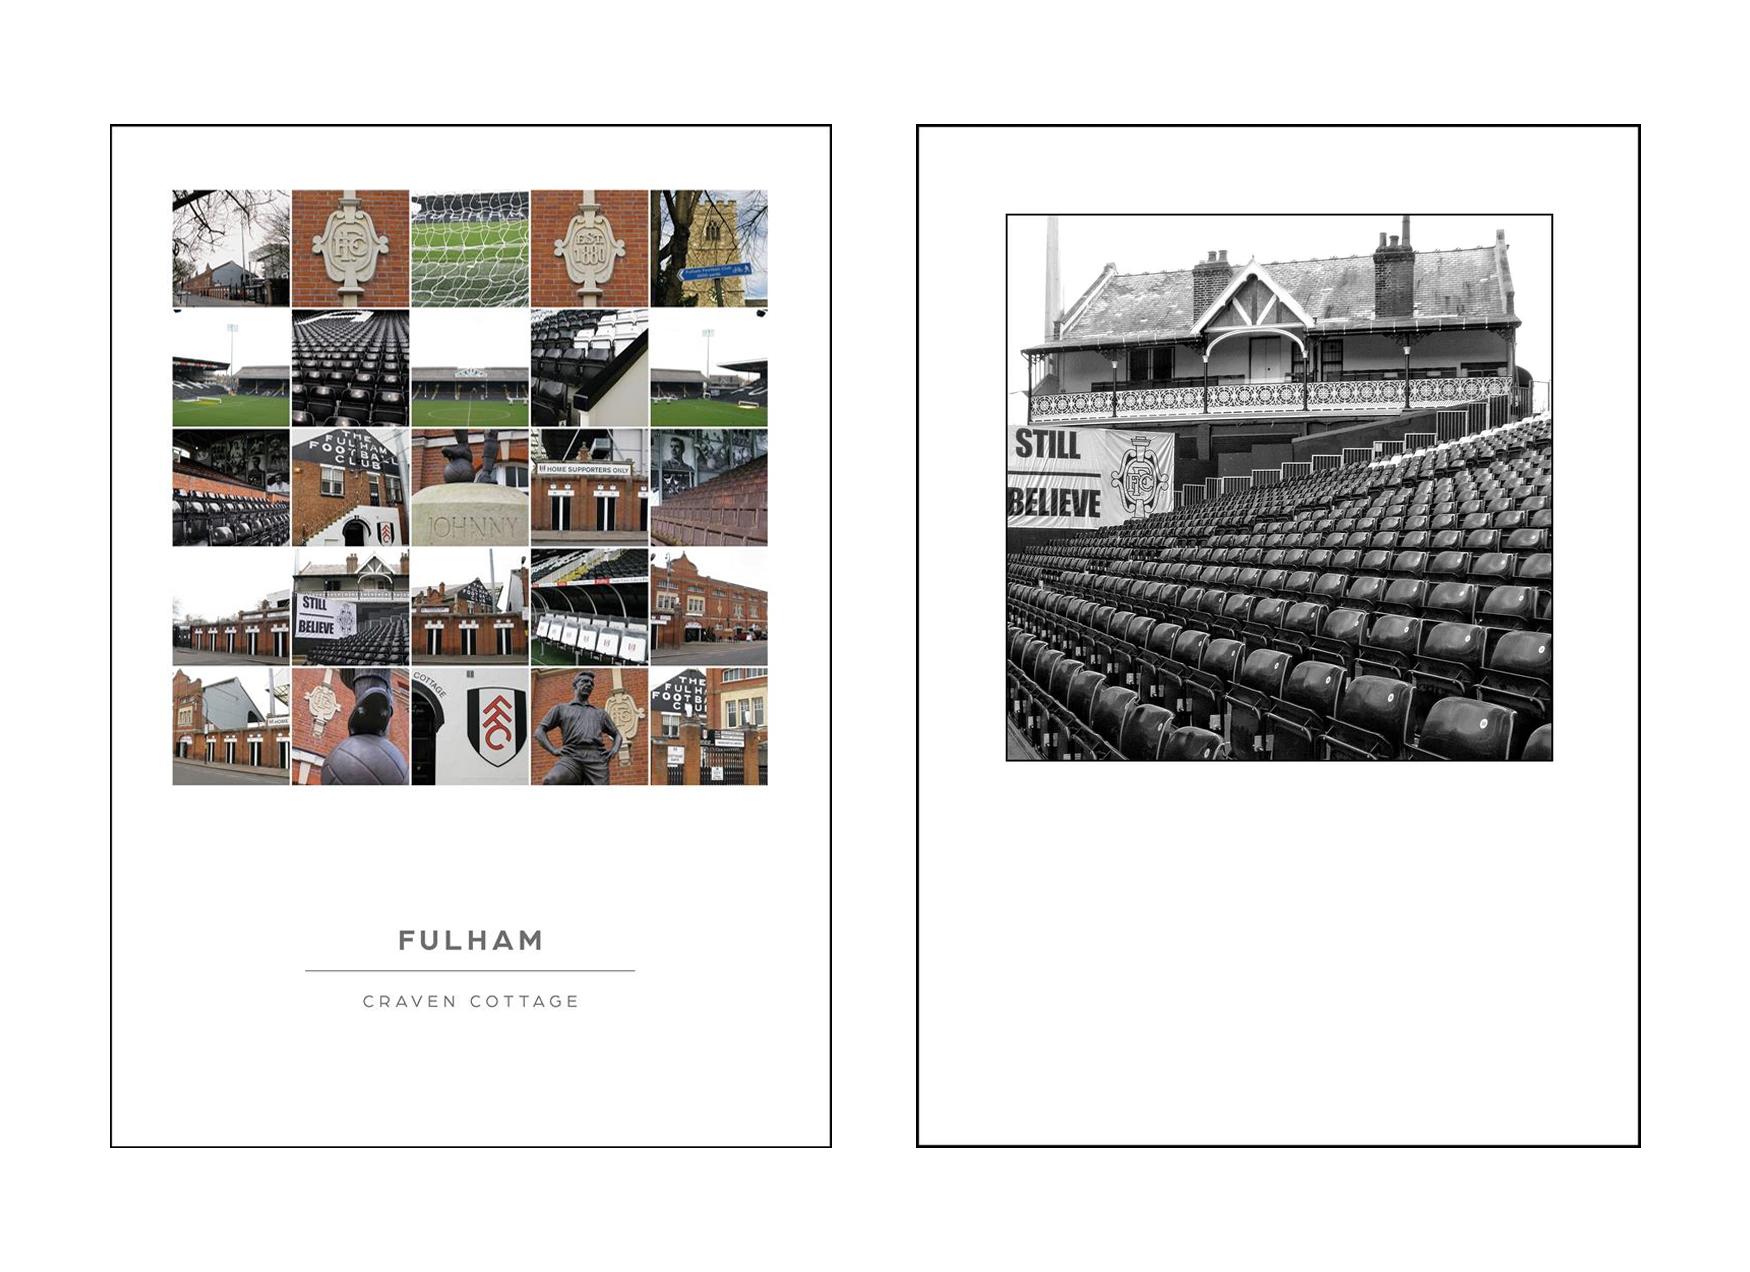 Craven Cottage - Fulham FC